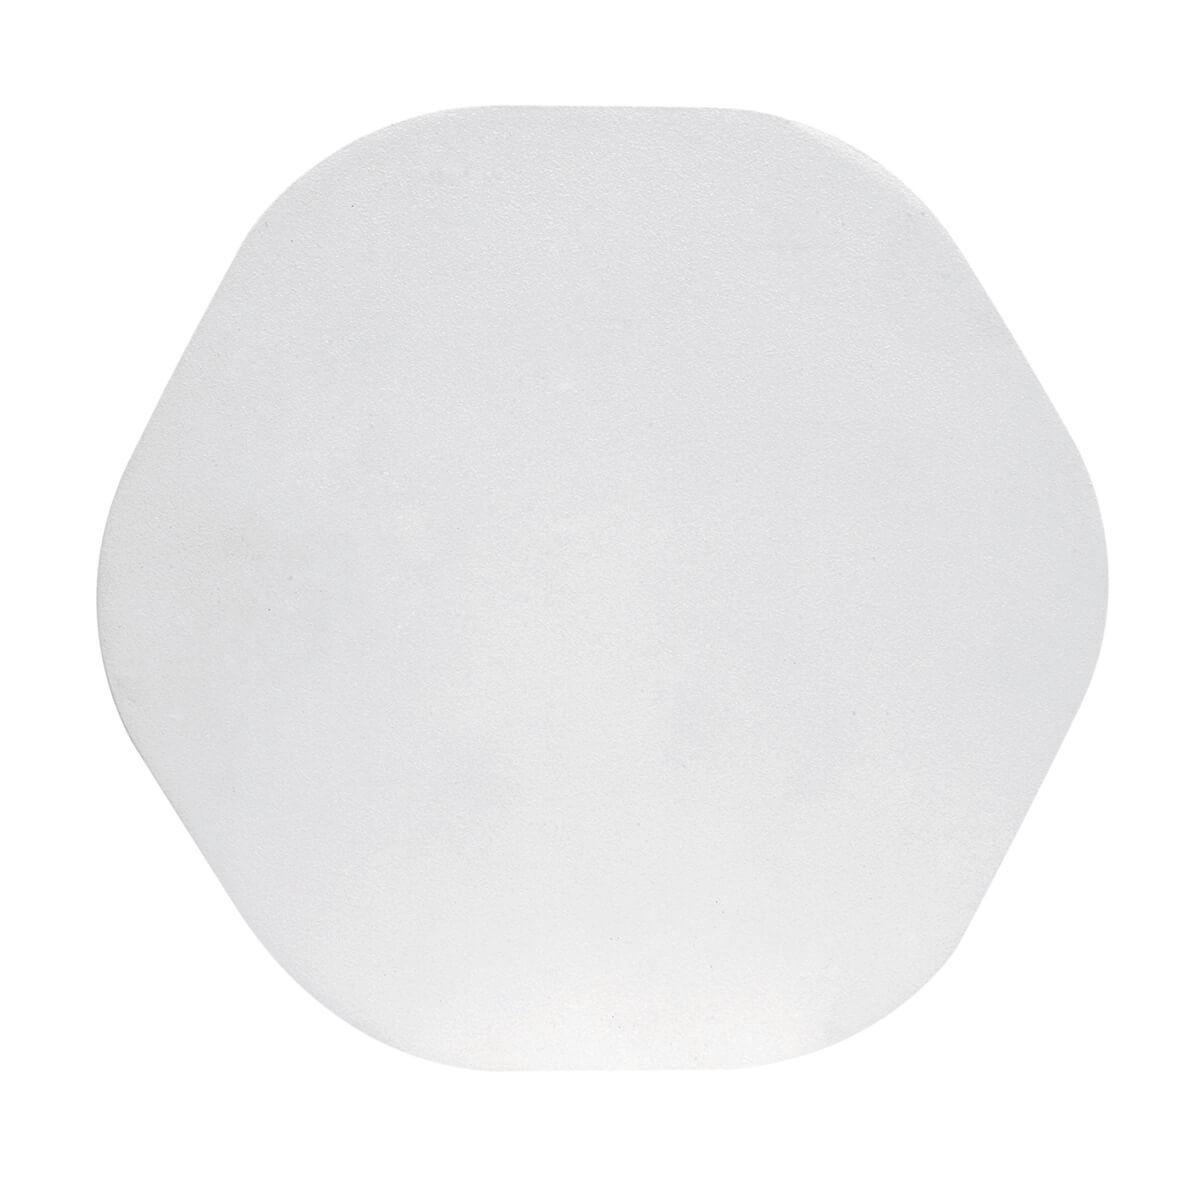 Светильник Mantra C0105 Bora bora